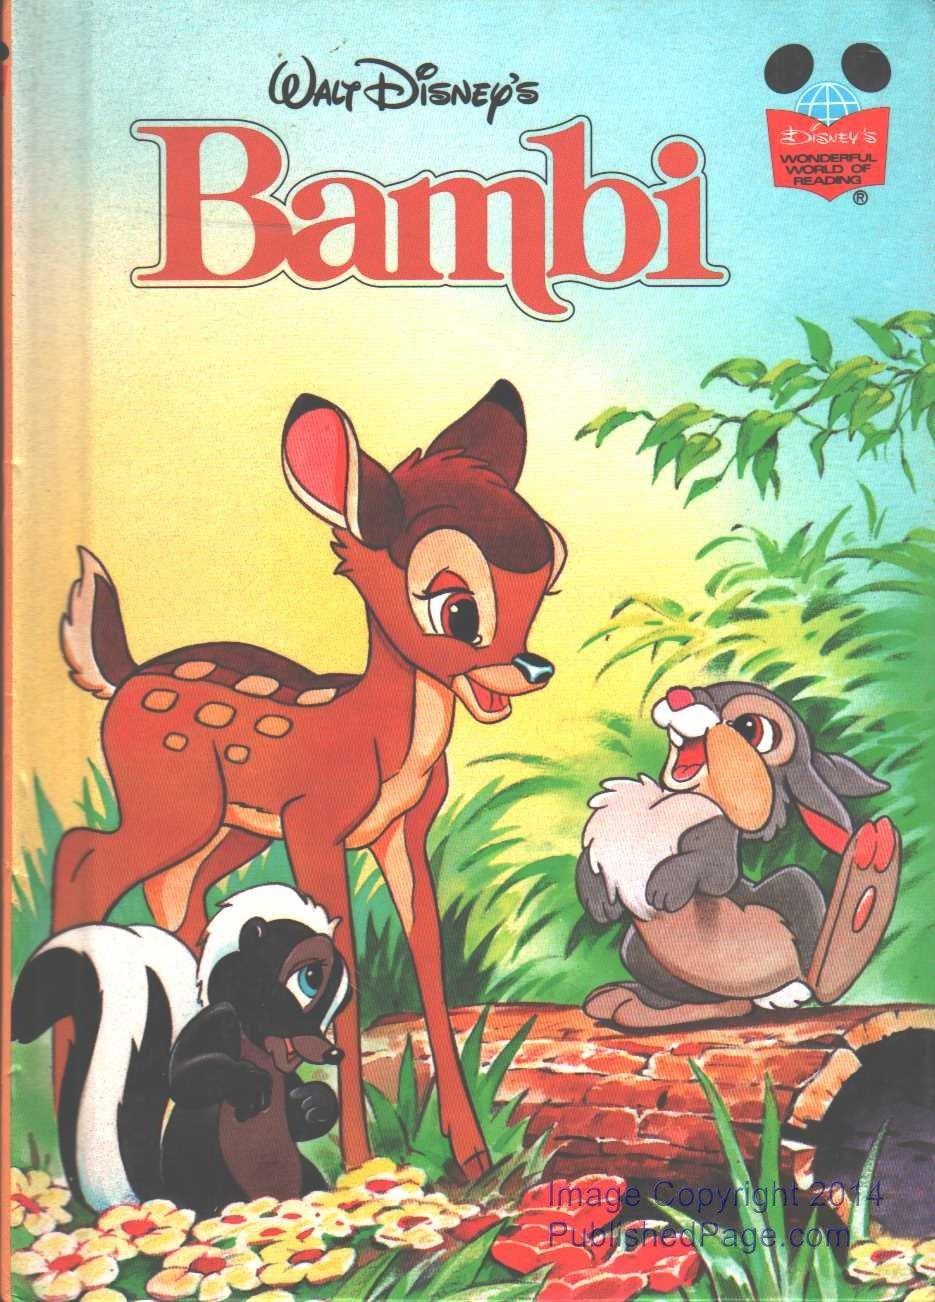 Walt S Disney S Bambi Felix Salten 9780717287116 Books Amazon Ca